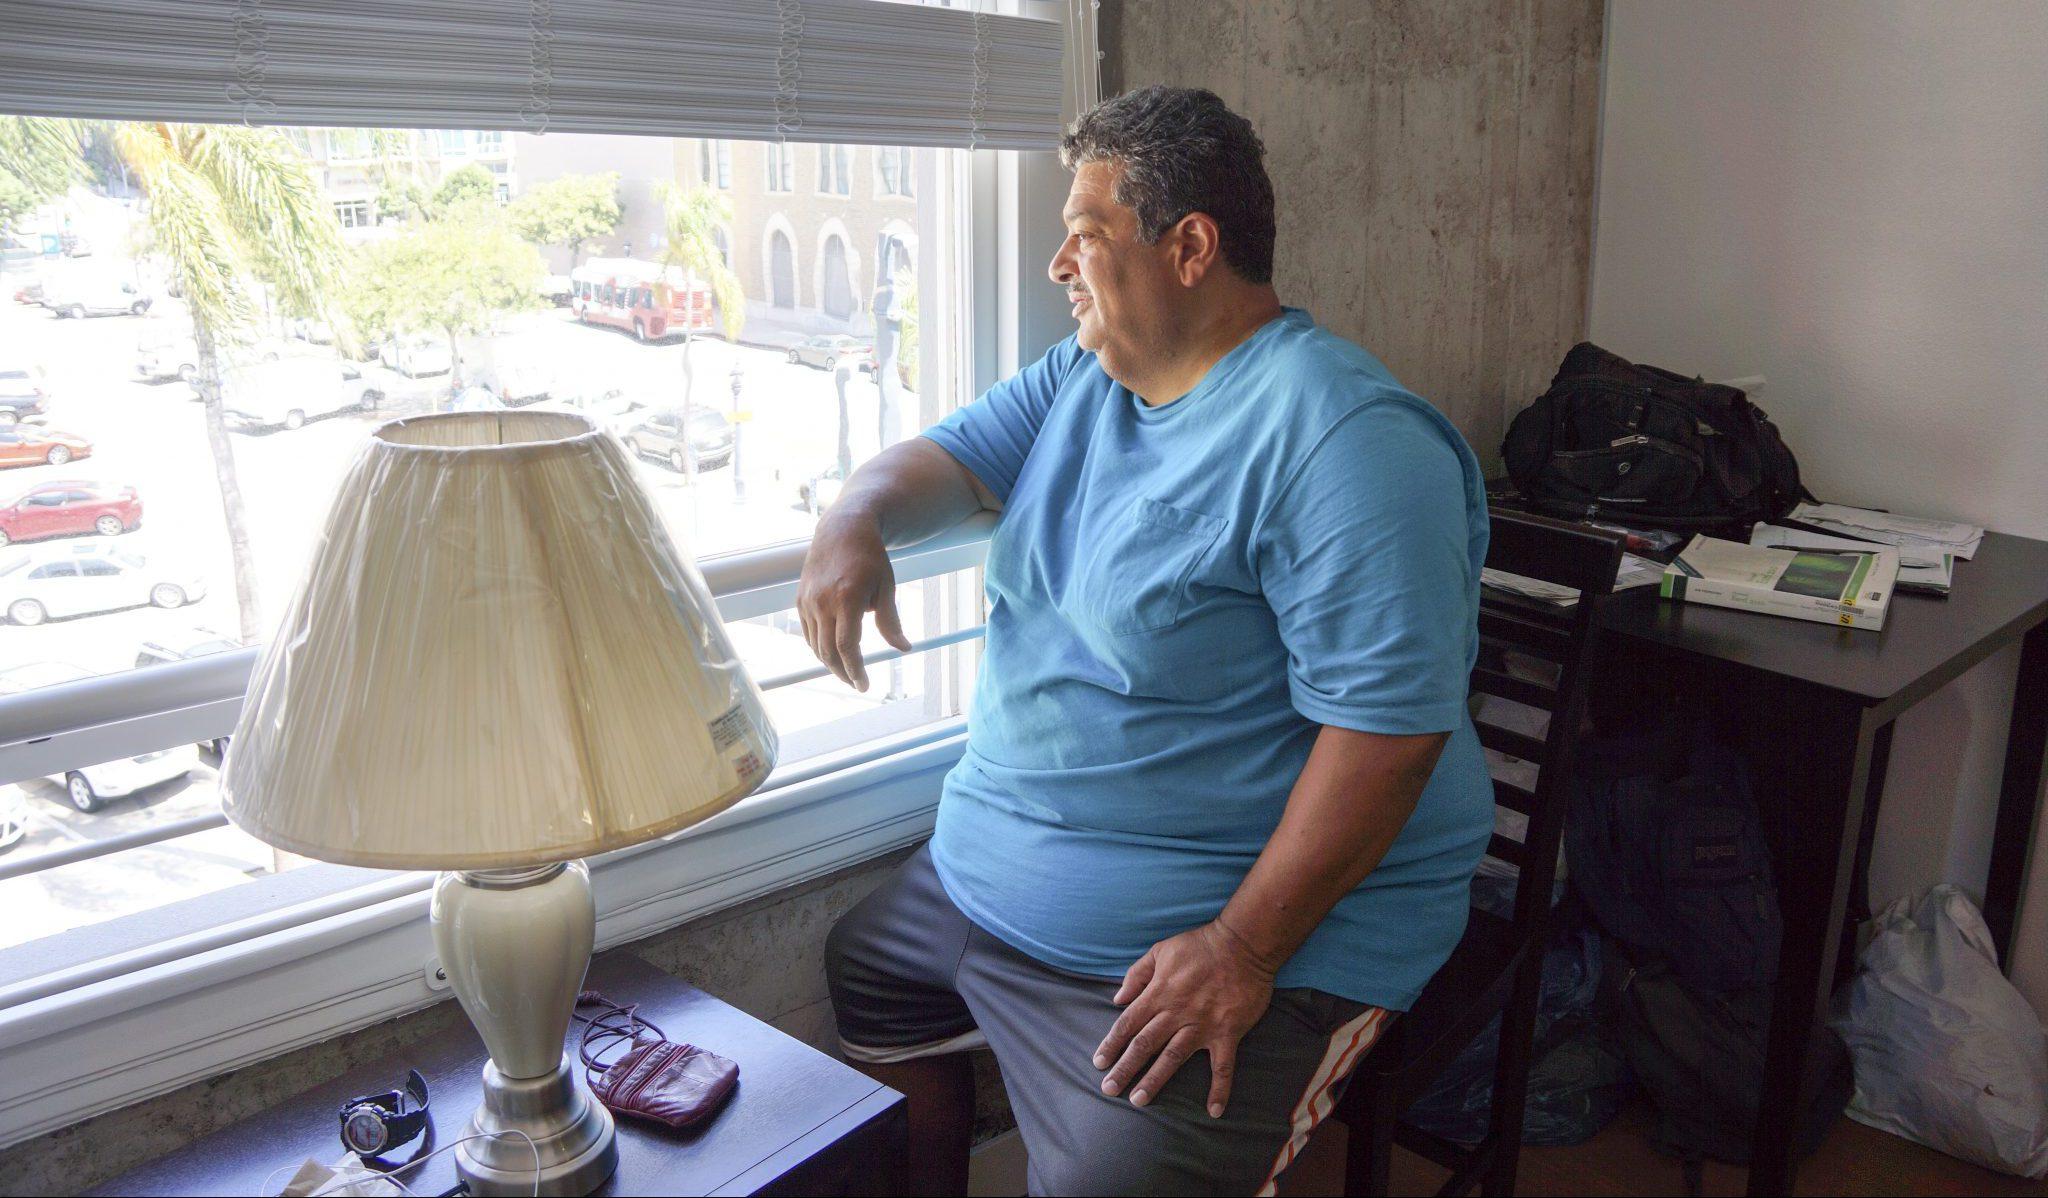 1,000 Homeless Veterans Obtain Rental Housing Through ...